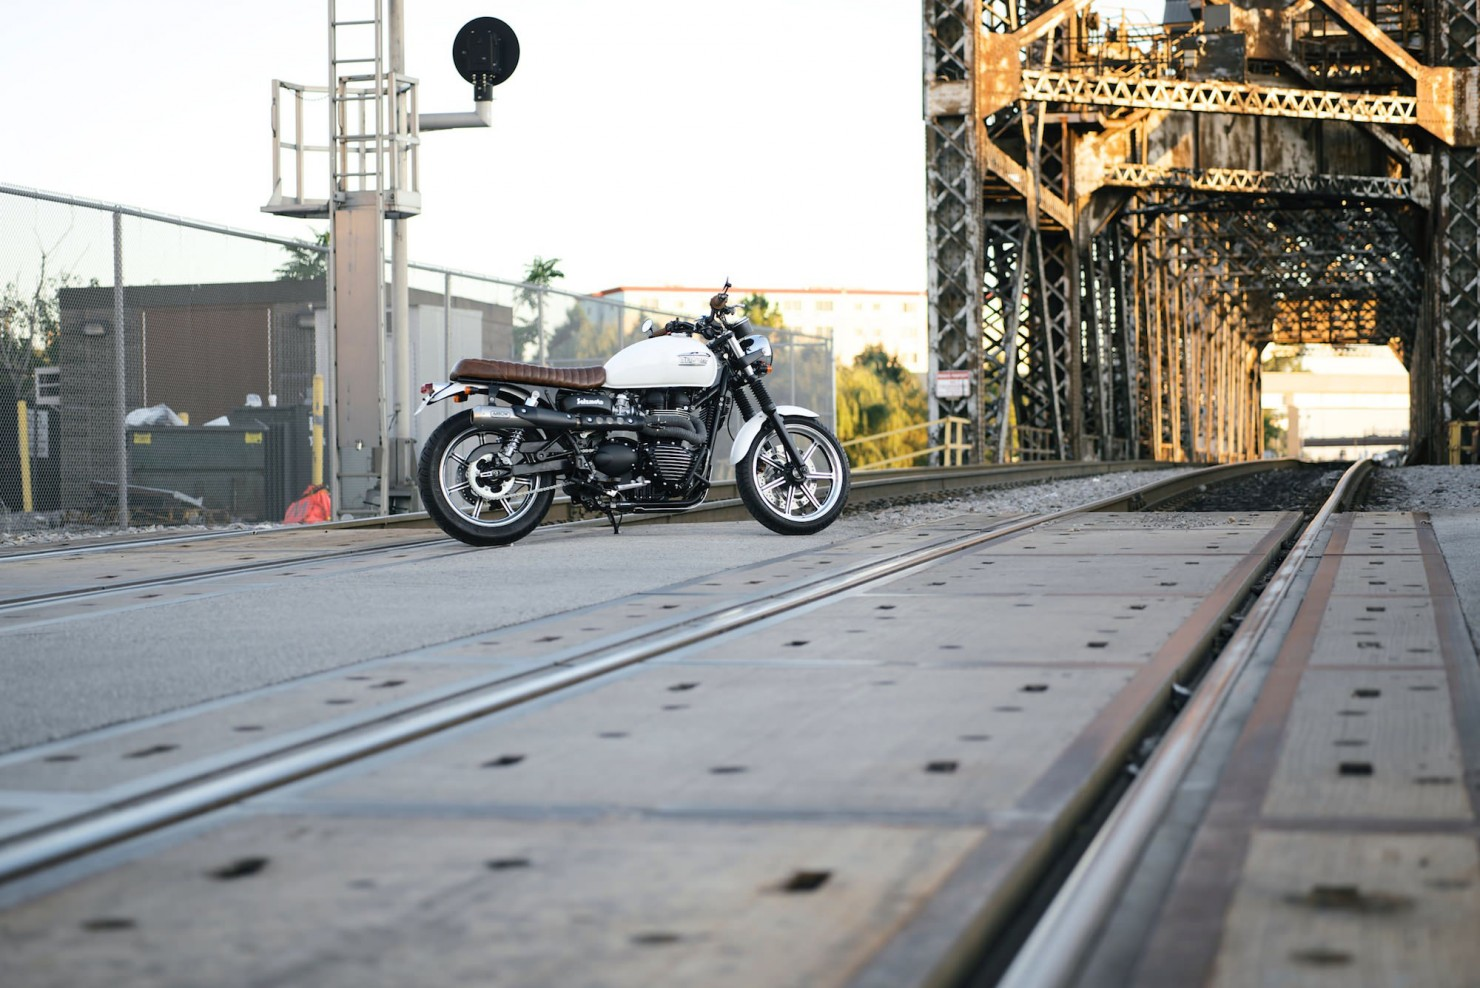 Triumph_Bonneville_Motorcycle_16